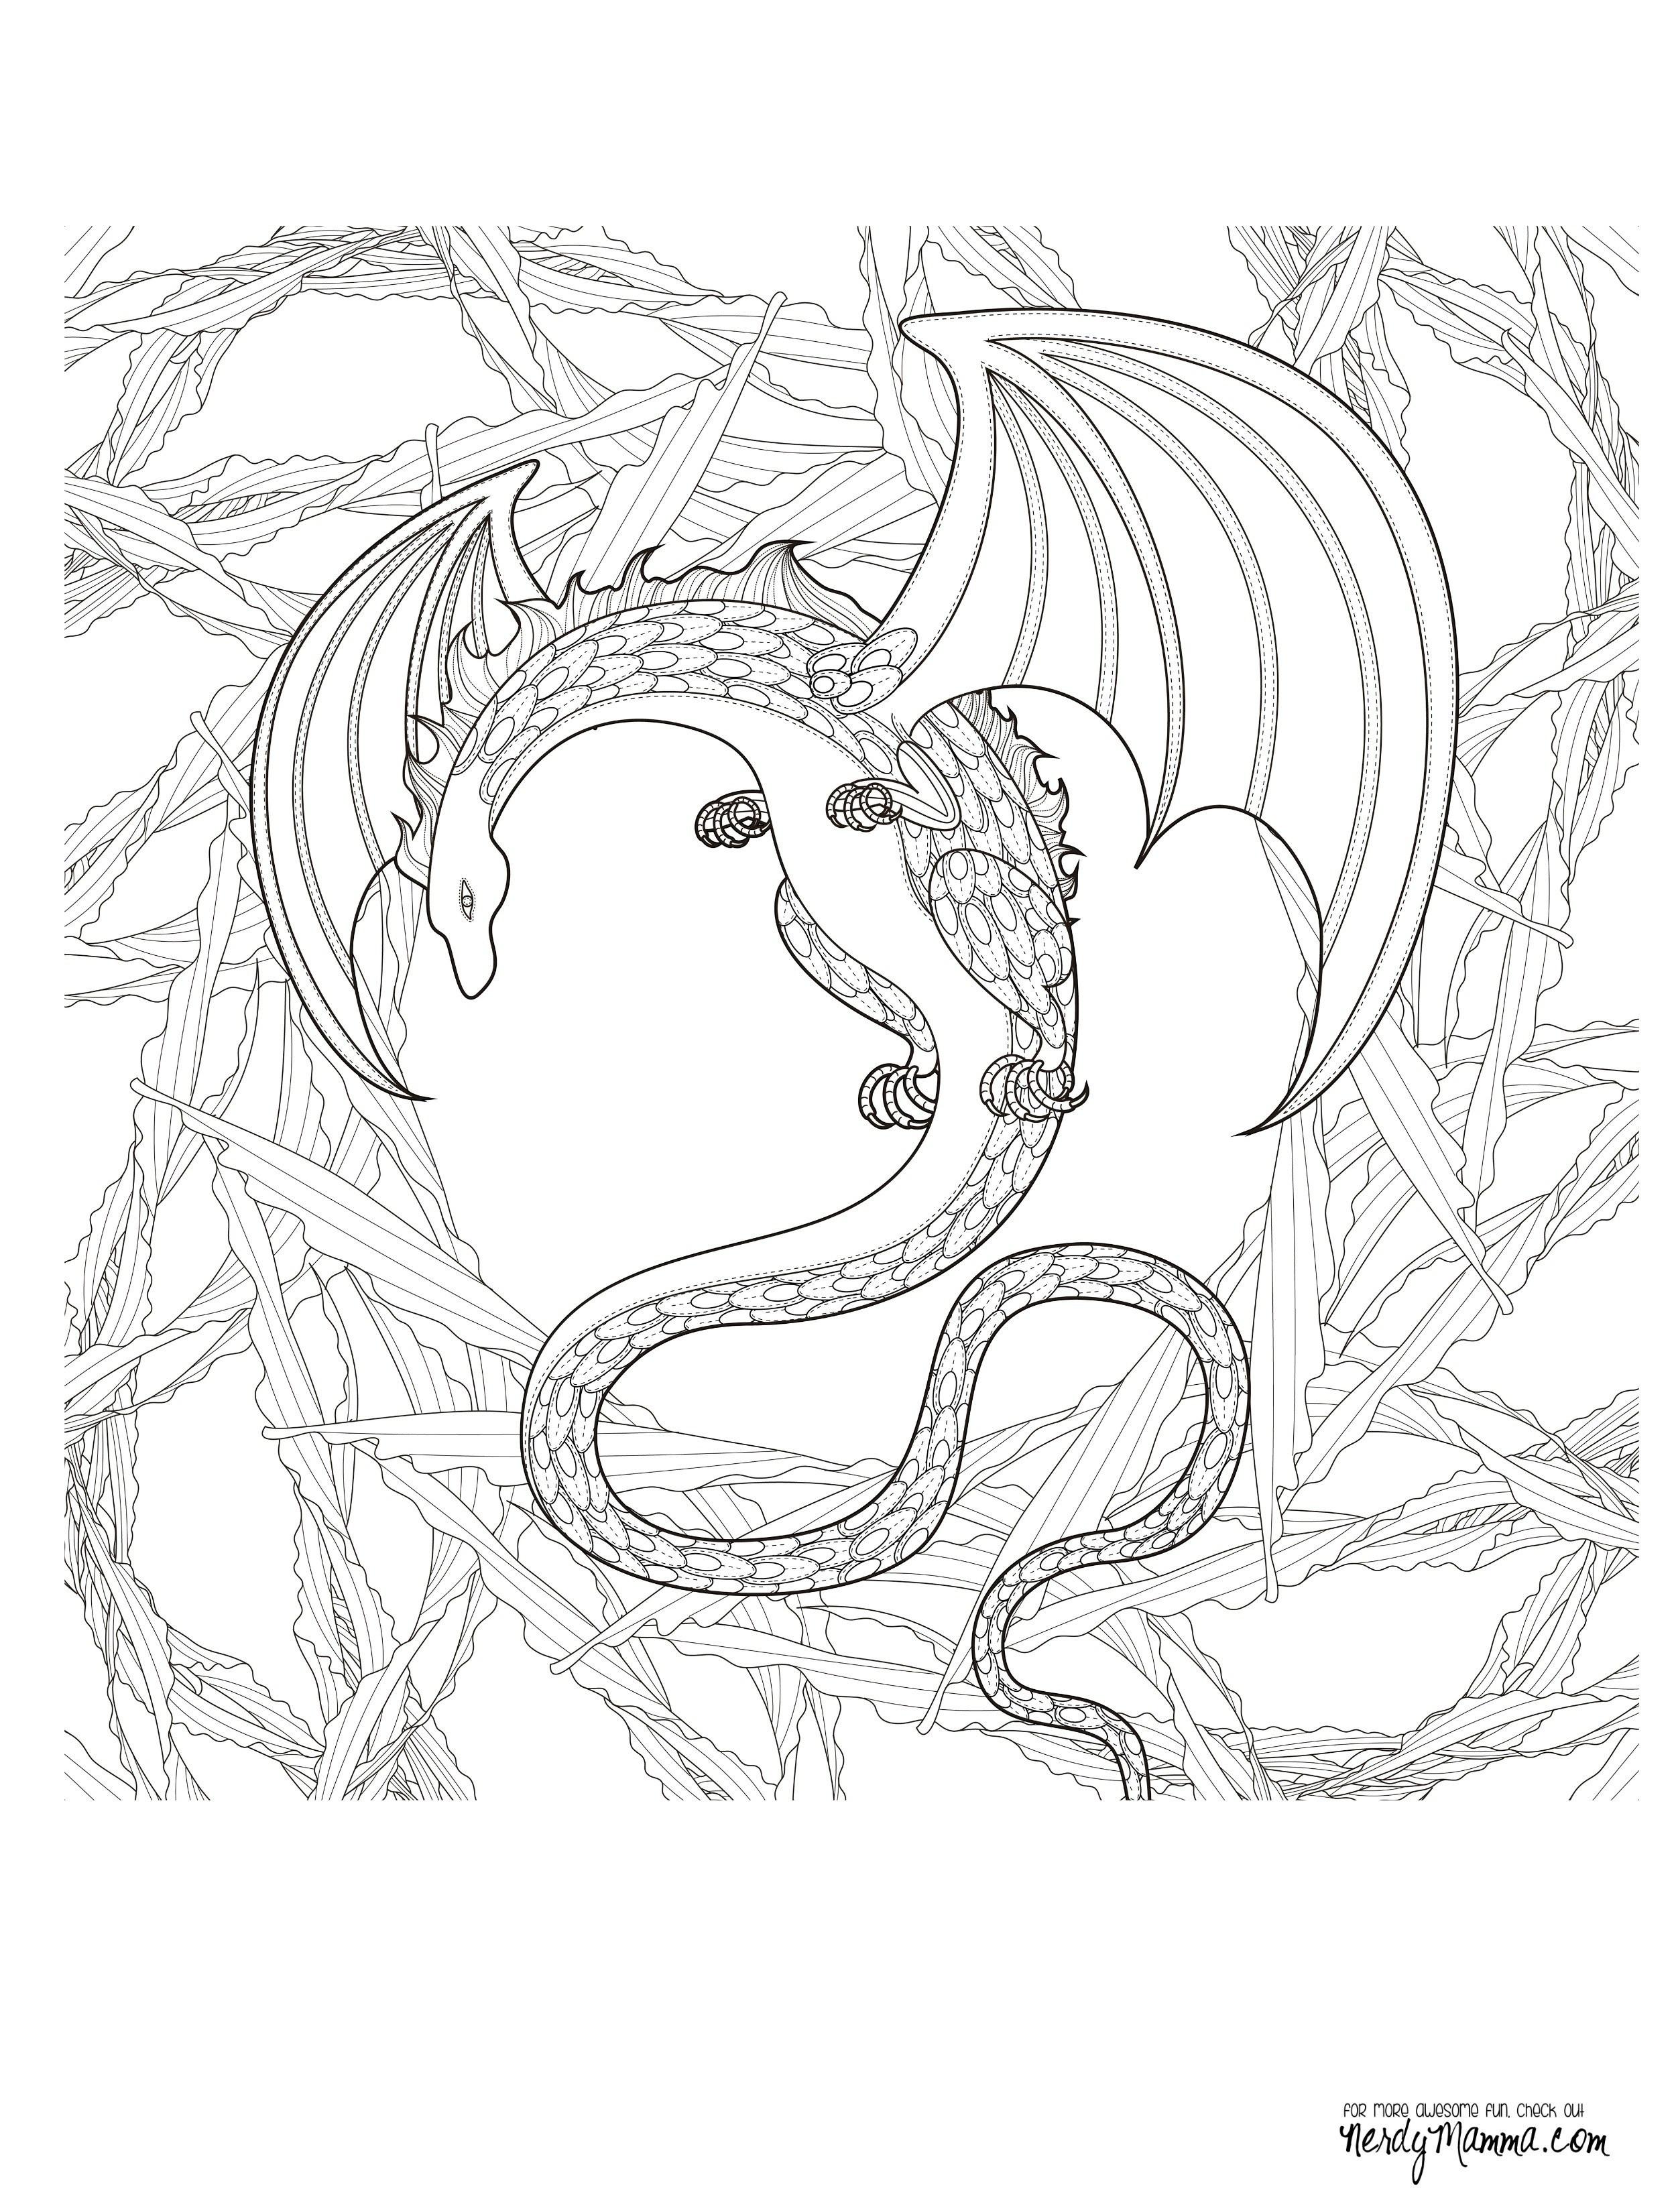 Einhorn Bilder Zum Ausdrucken Kostenlos Genial Malvorlagen Für Erwachsene Kostenlose Druckvorlagen Elegant Einhorn Bilder